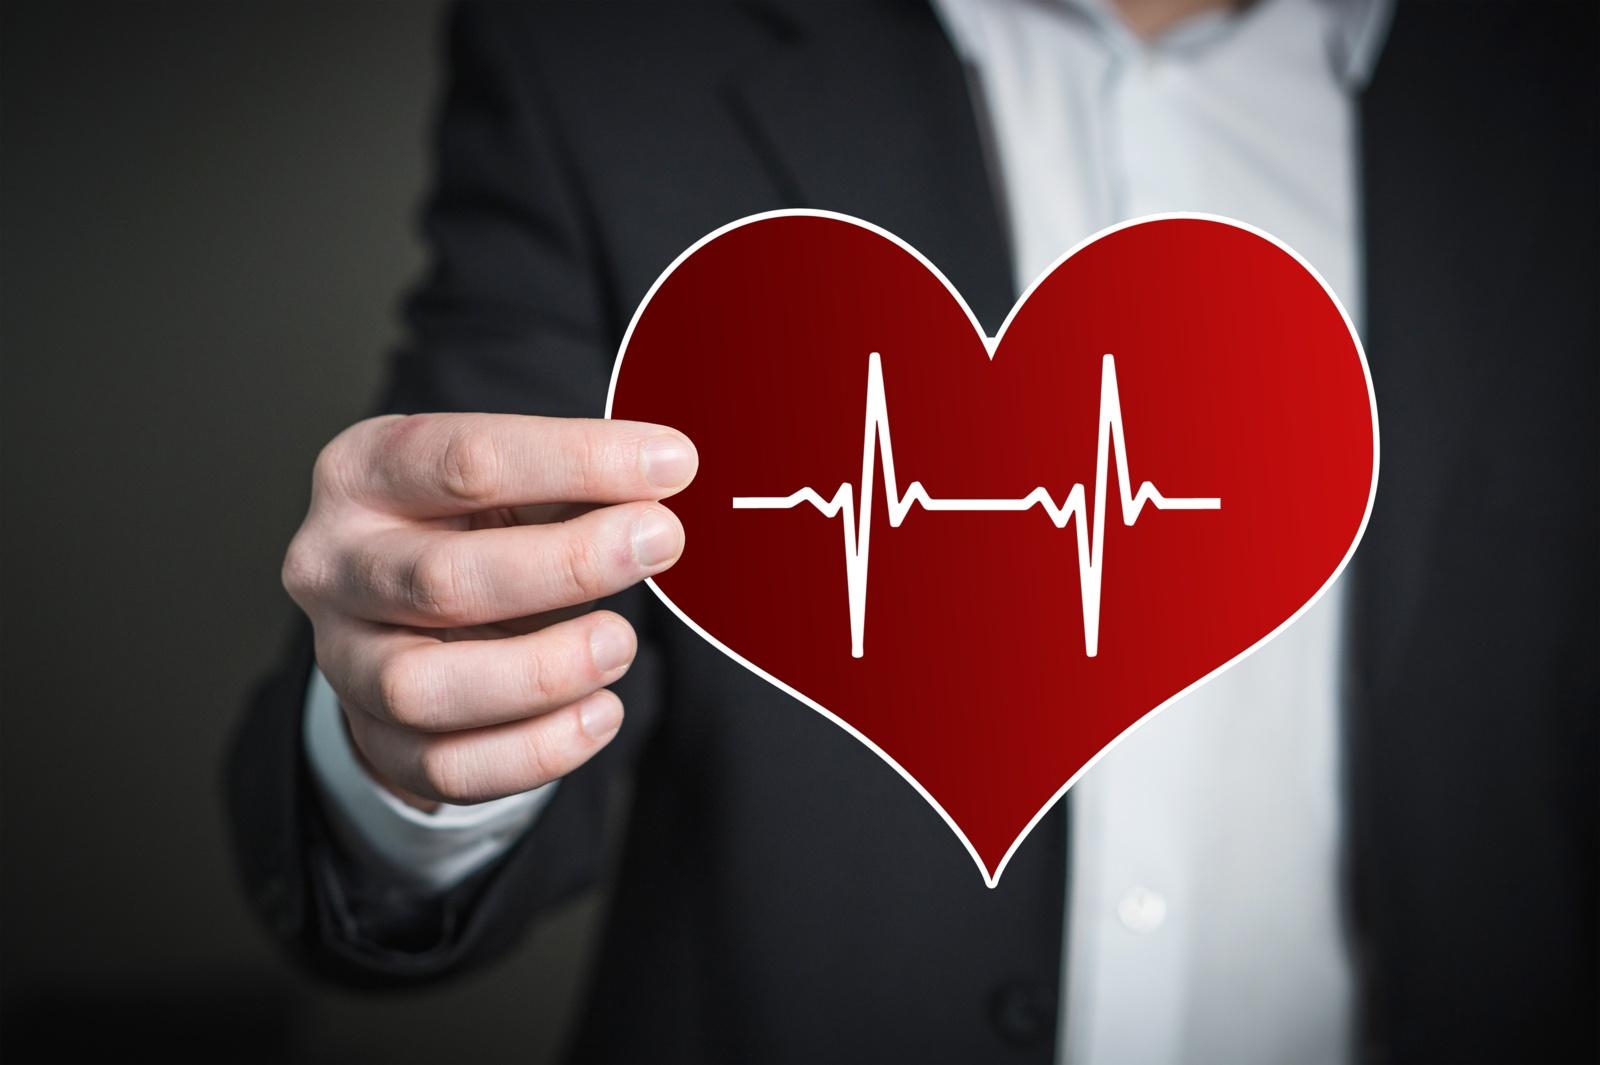 sergate hipertenzija, sportuokite)